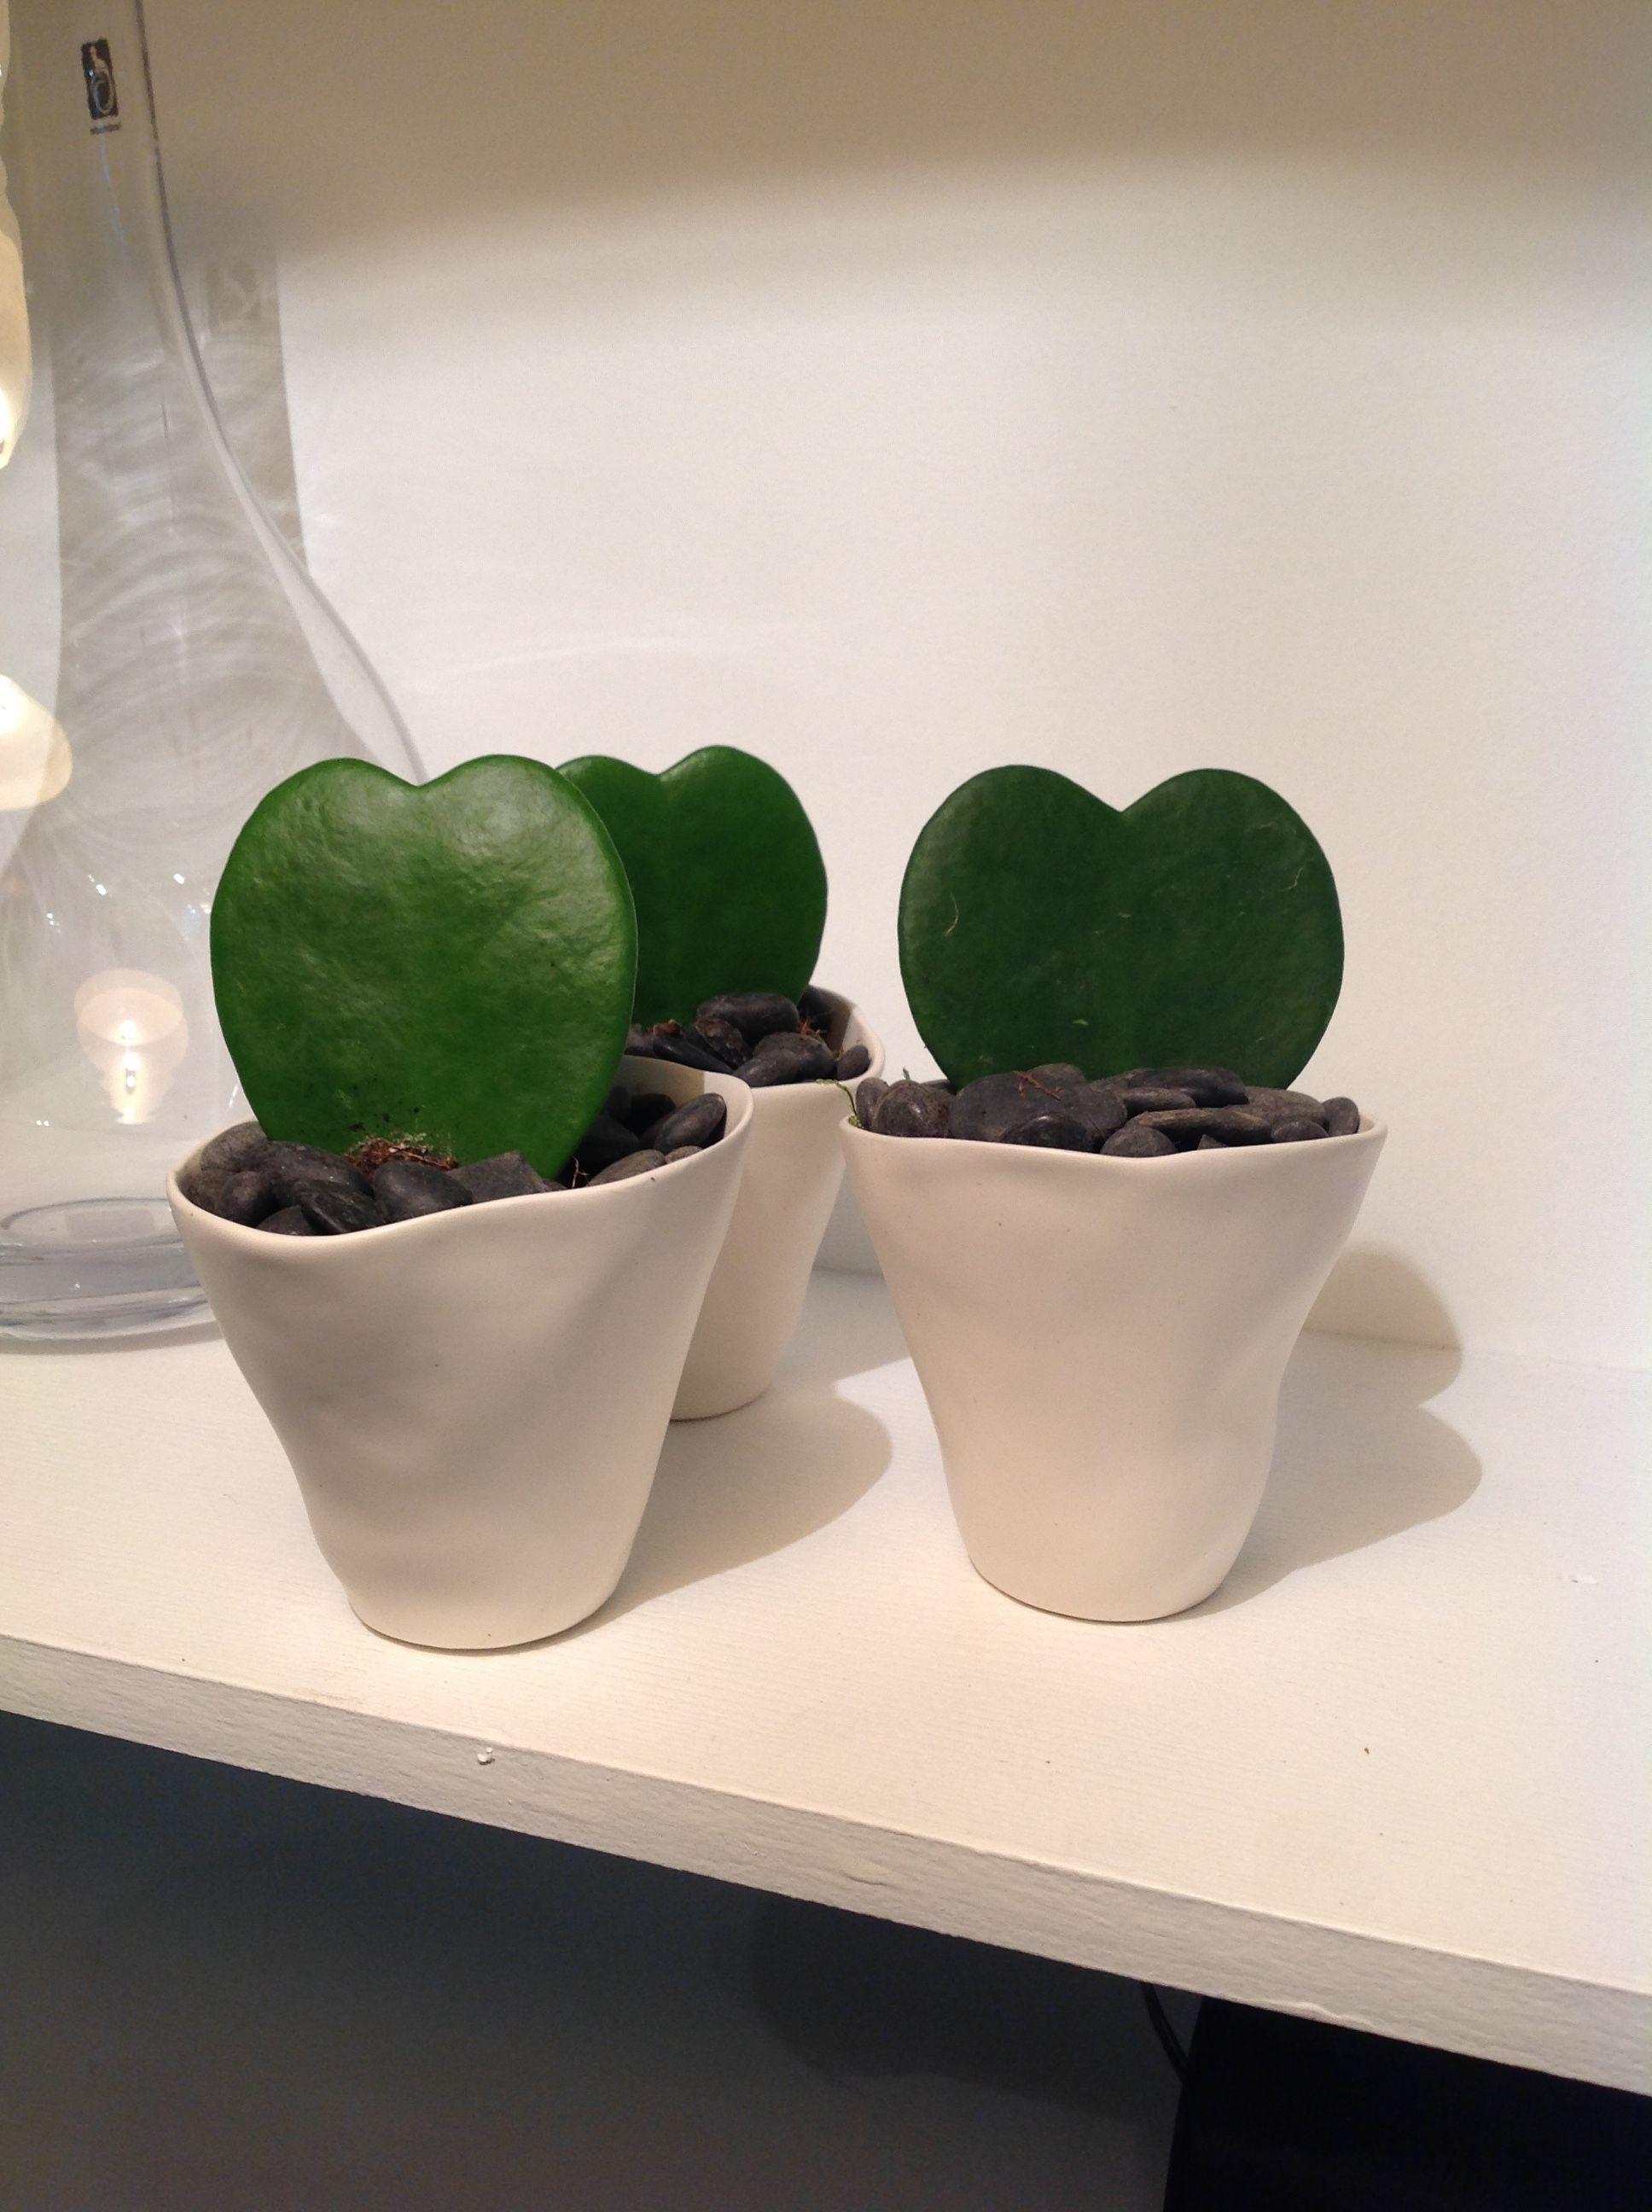 Plante fleurie ou verte cactus plante grasse arbre for Ou acheter des plantes